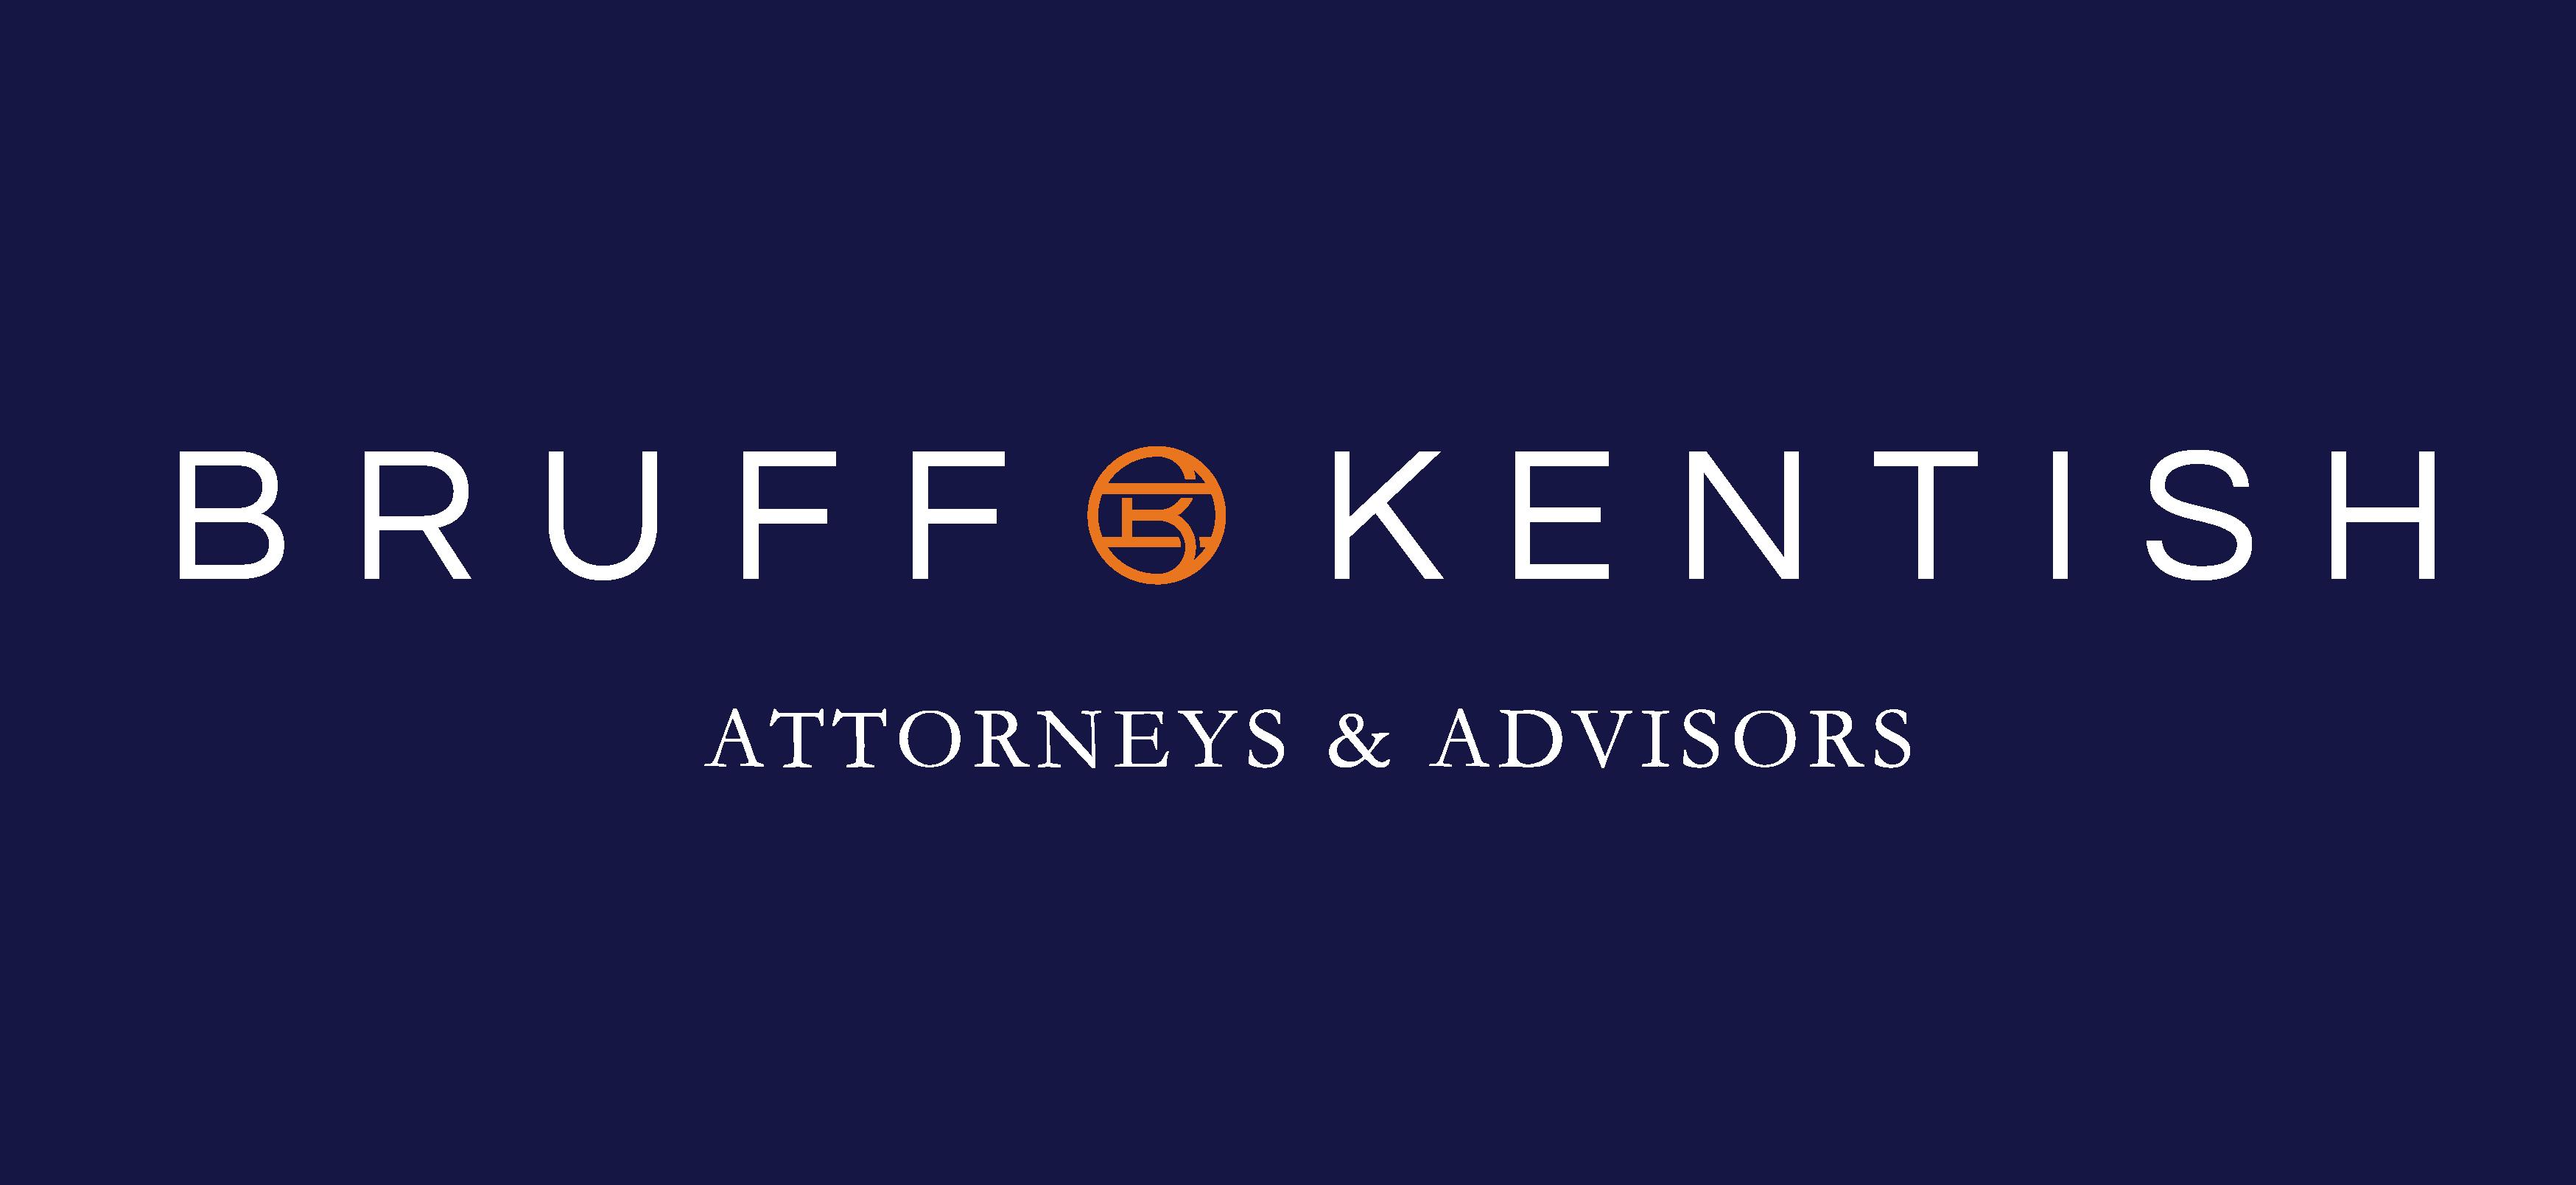 Bruff Kentish Attorneys & Advisors